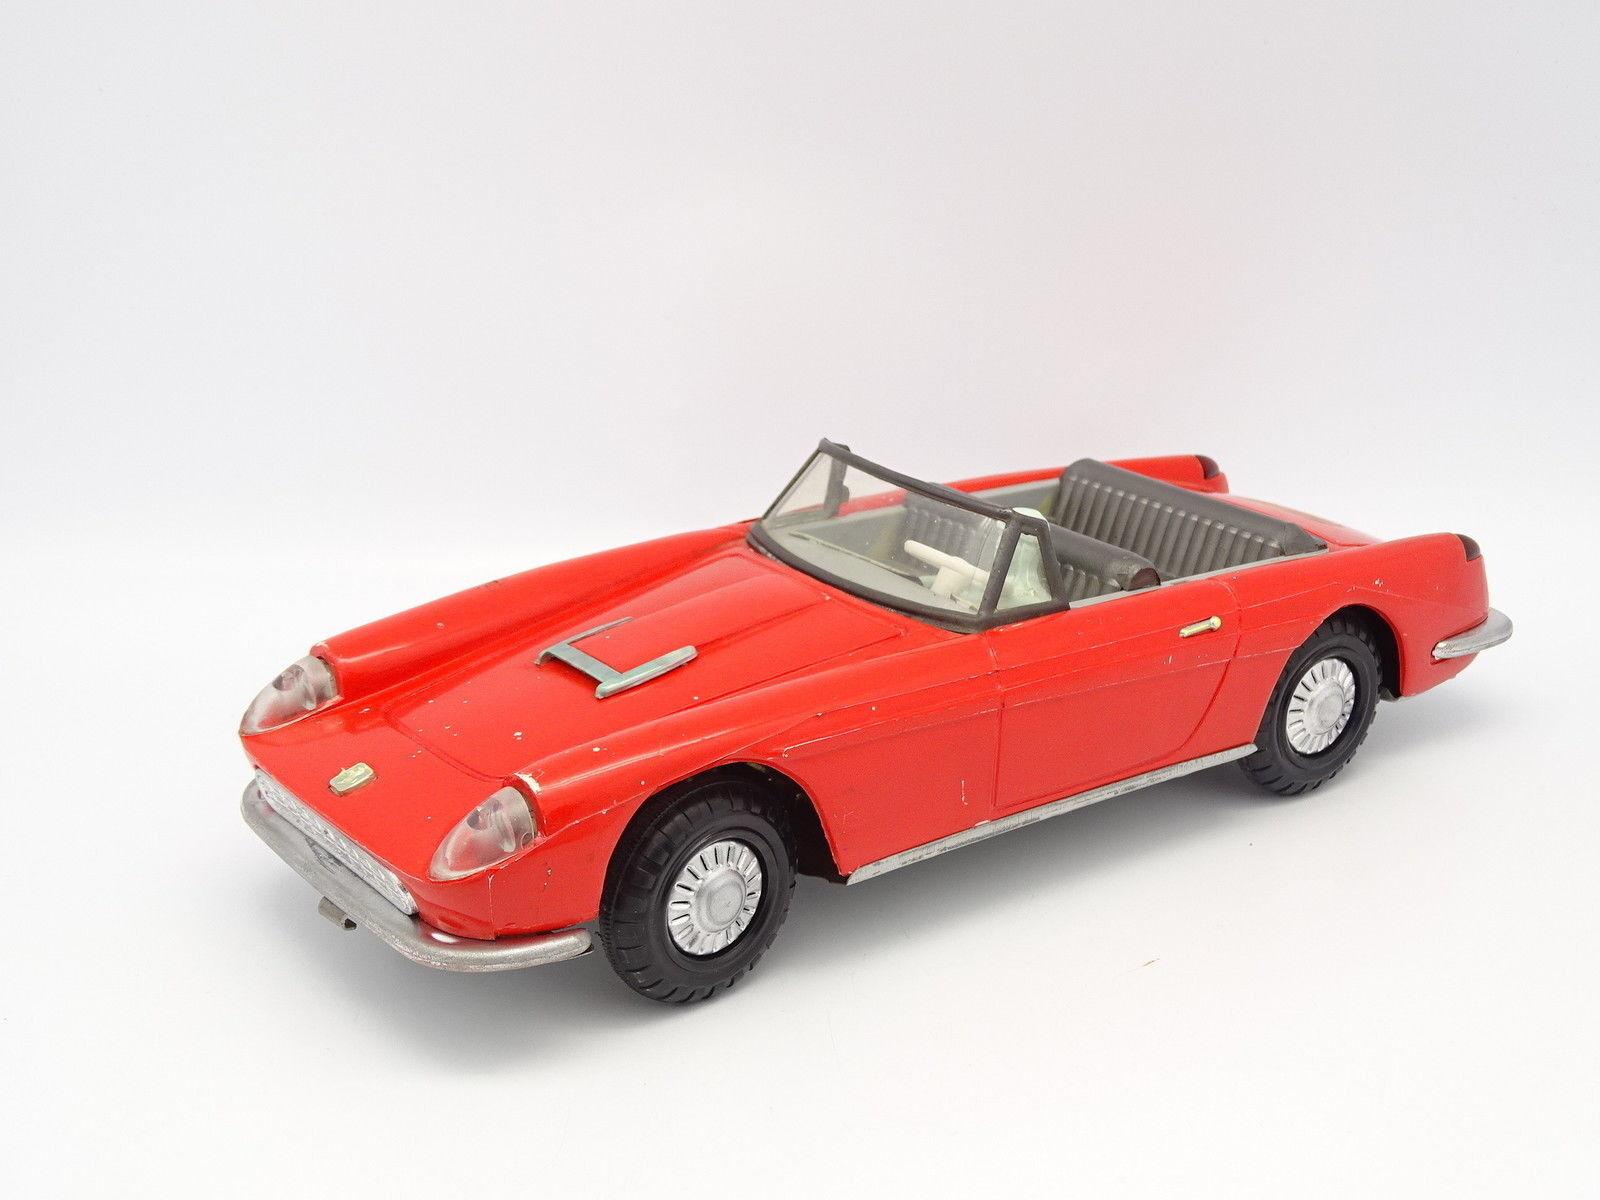 Juguetes Mont Blanco células 25CM - Ferrari 250 GT California  Rojo